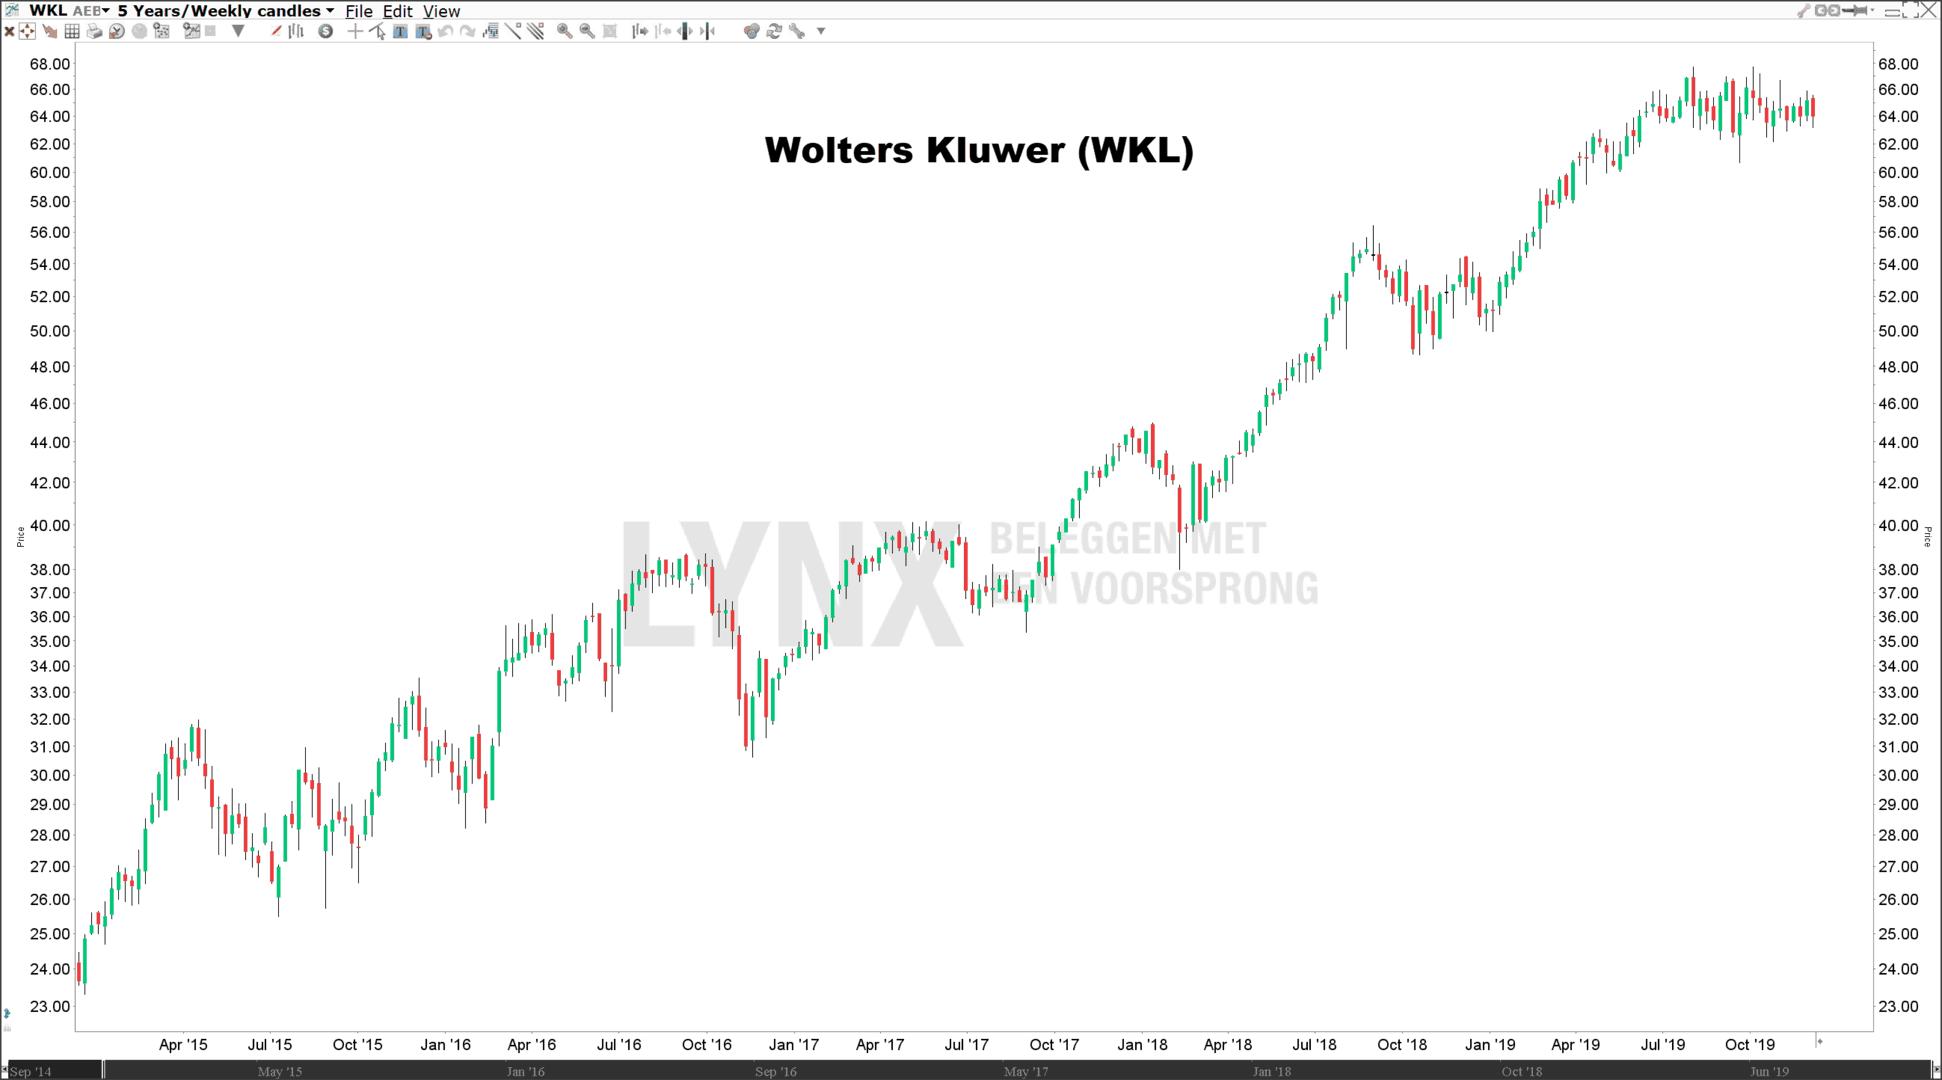 Koers Wolters Kluwer beste dividend aandelen